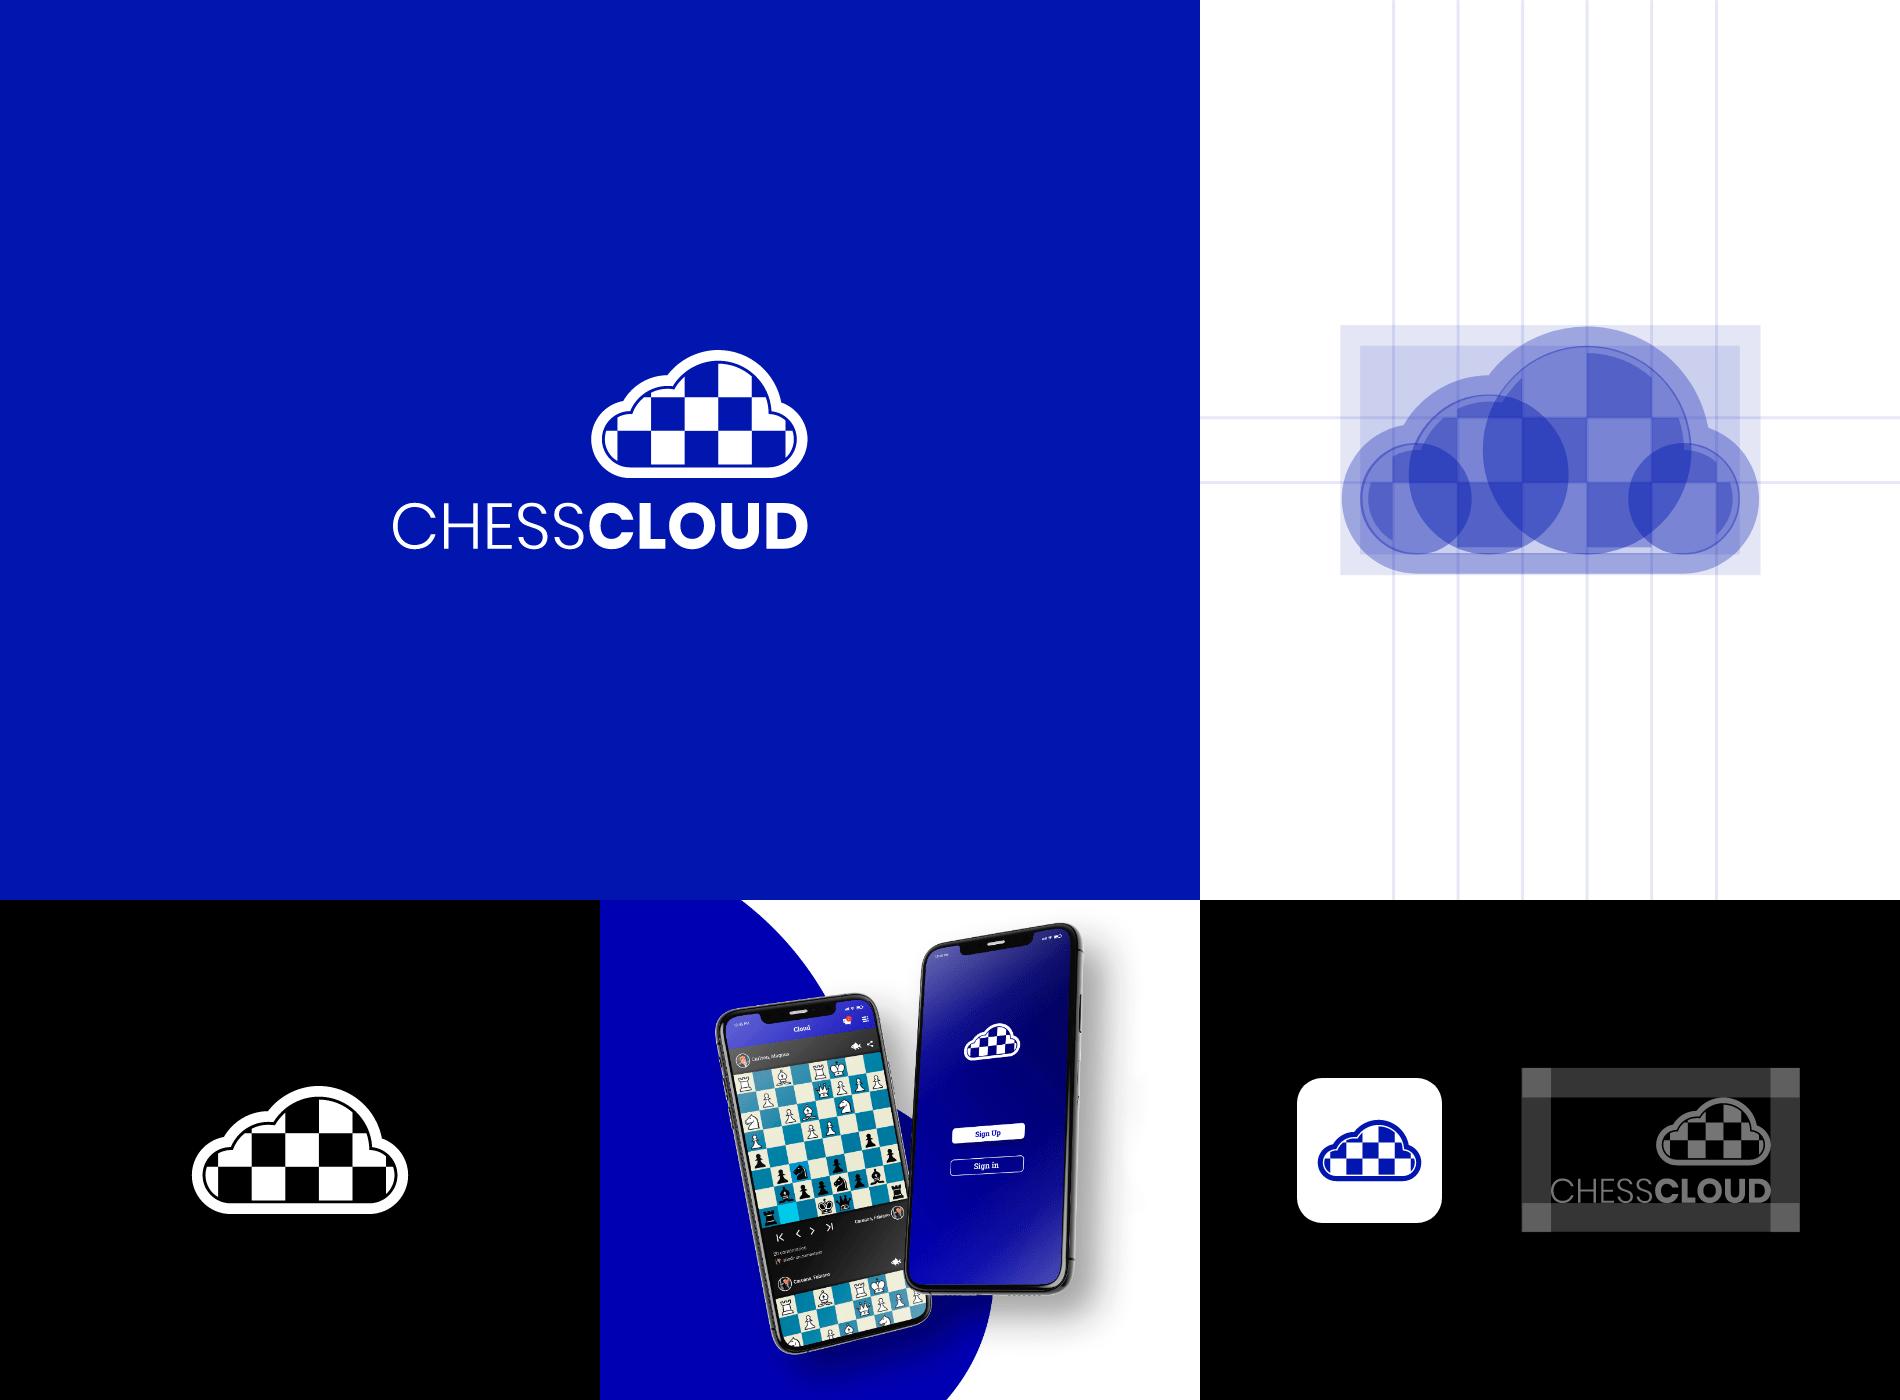 portafolio branding diseñador grafico chess ajedrez logo